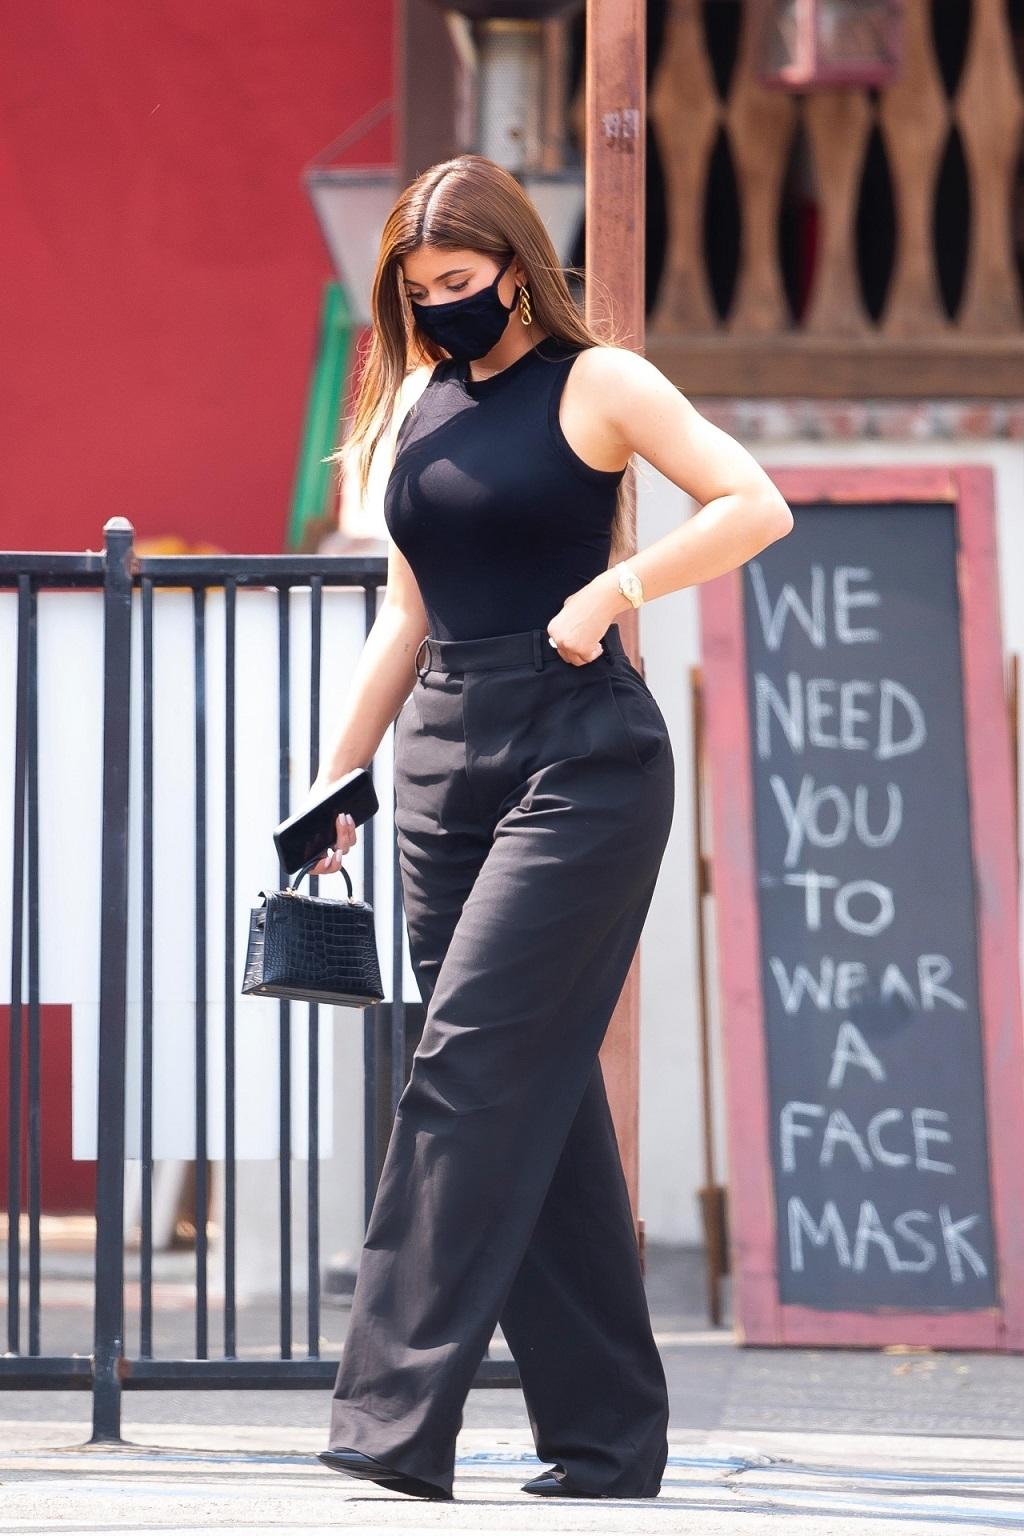 Kylie Jenner cała na czarno w maseczce na twarzy.